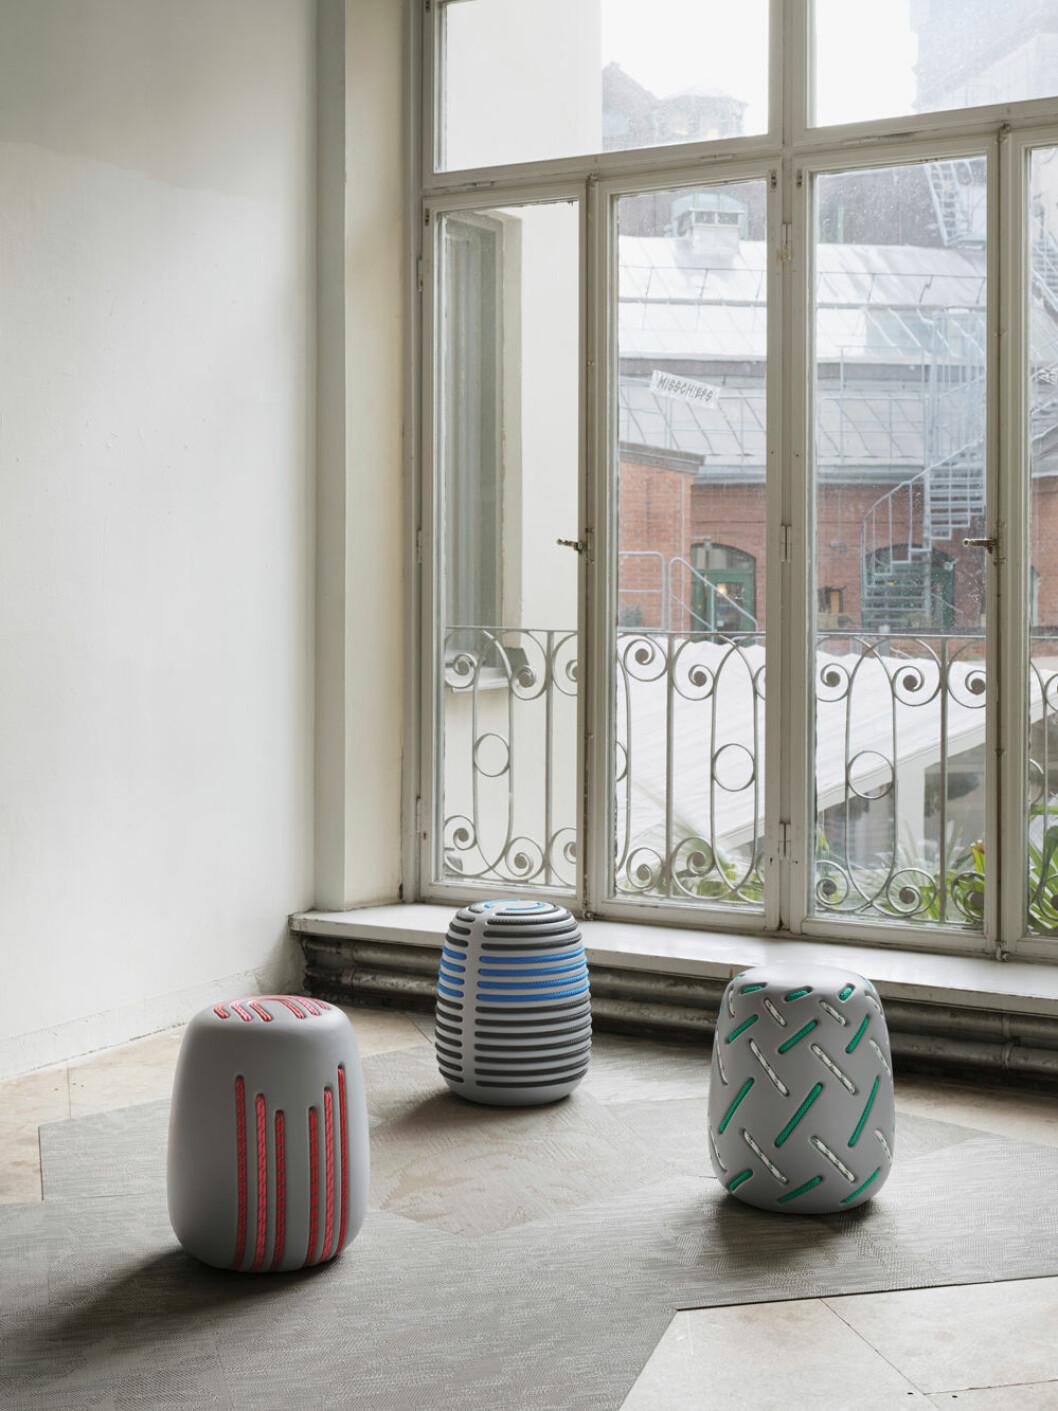 Misschiefs kollektiv kvinnliga konstnärer Stockholm